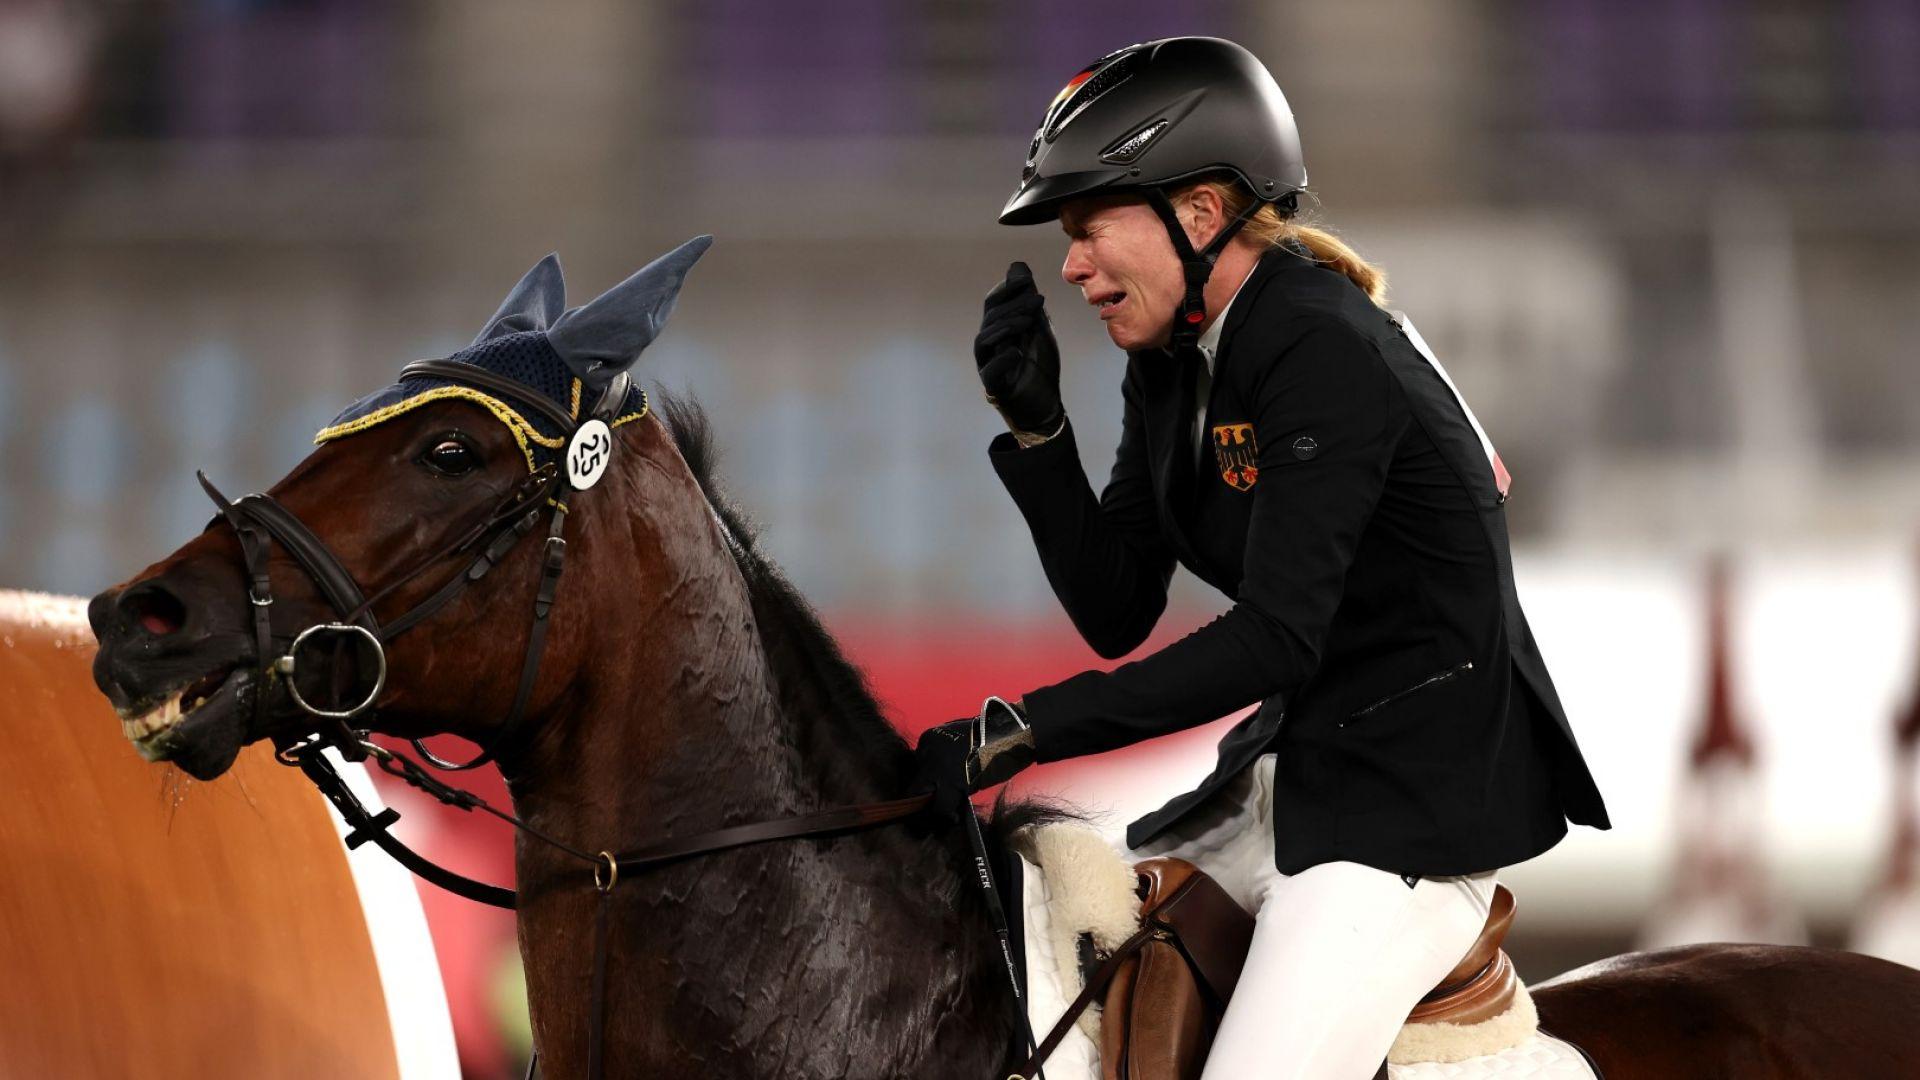 Нов олимпийски скандал с германски треньор, опитал да нокаутира кон